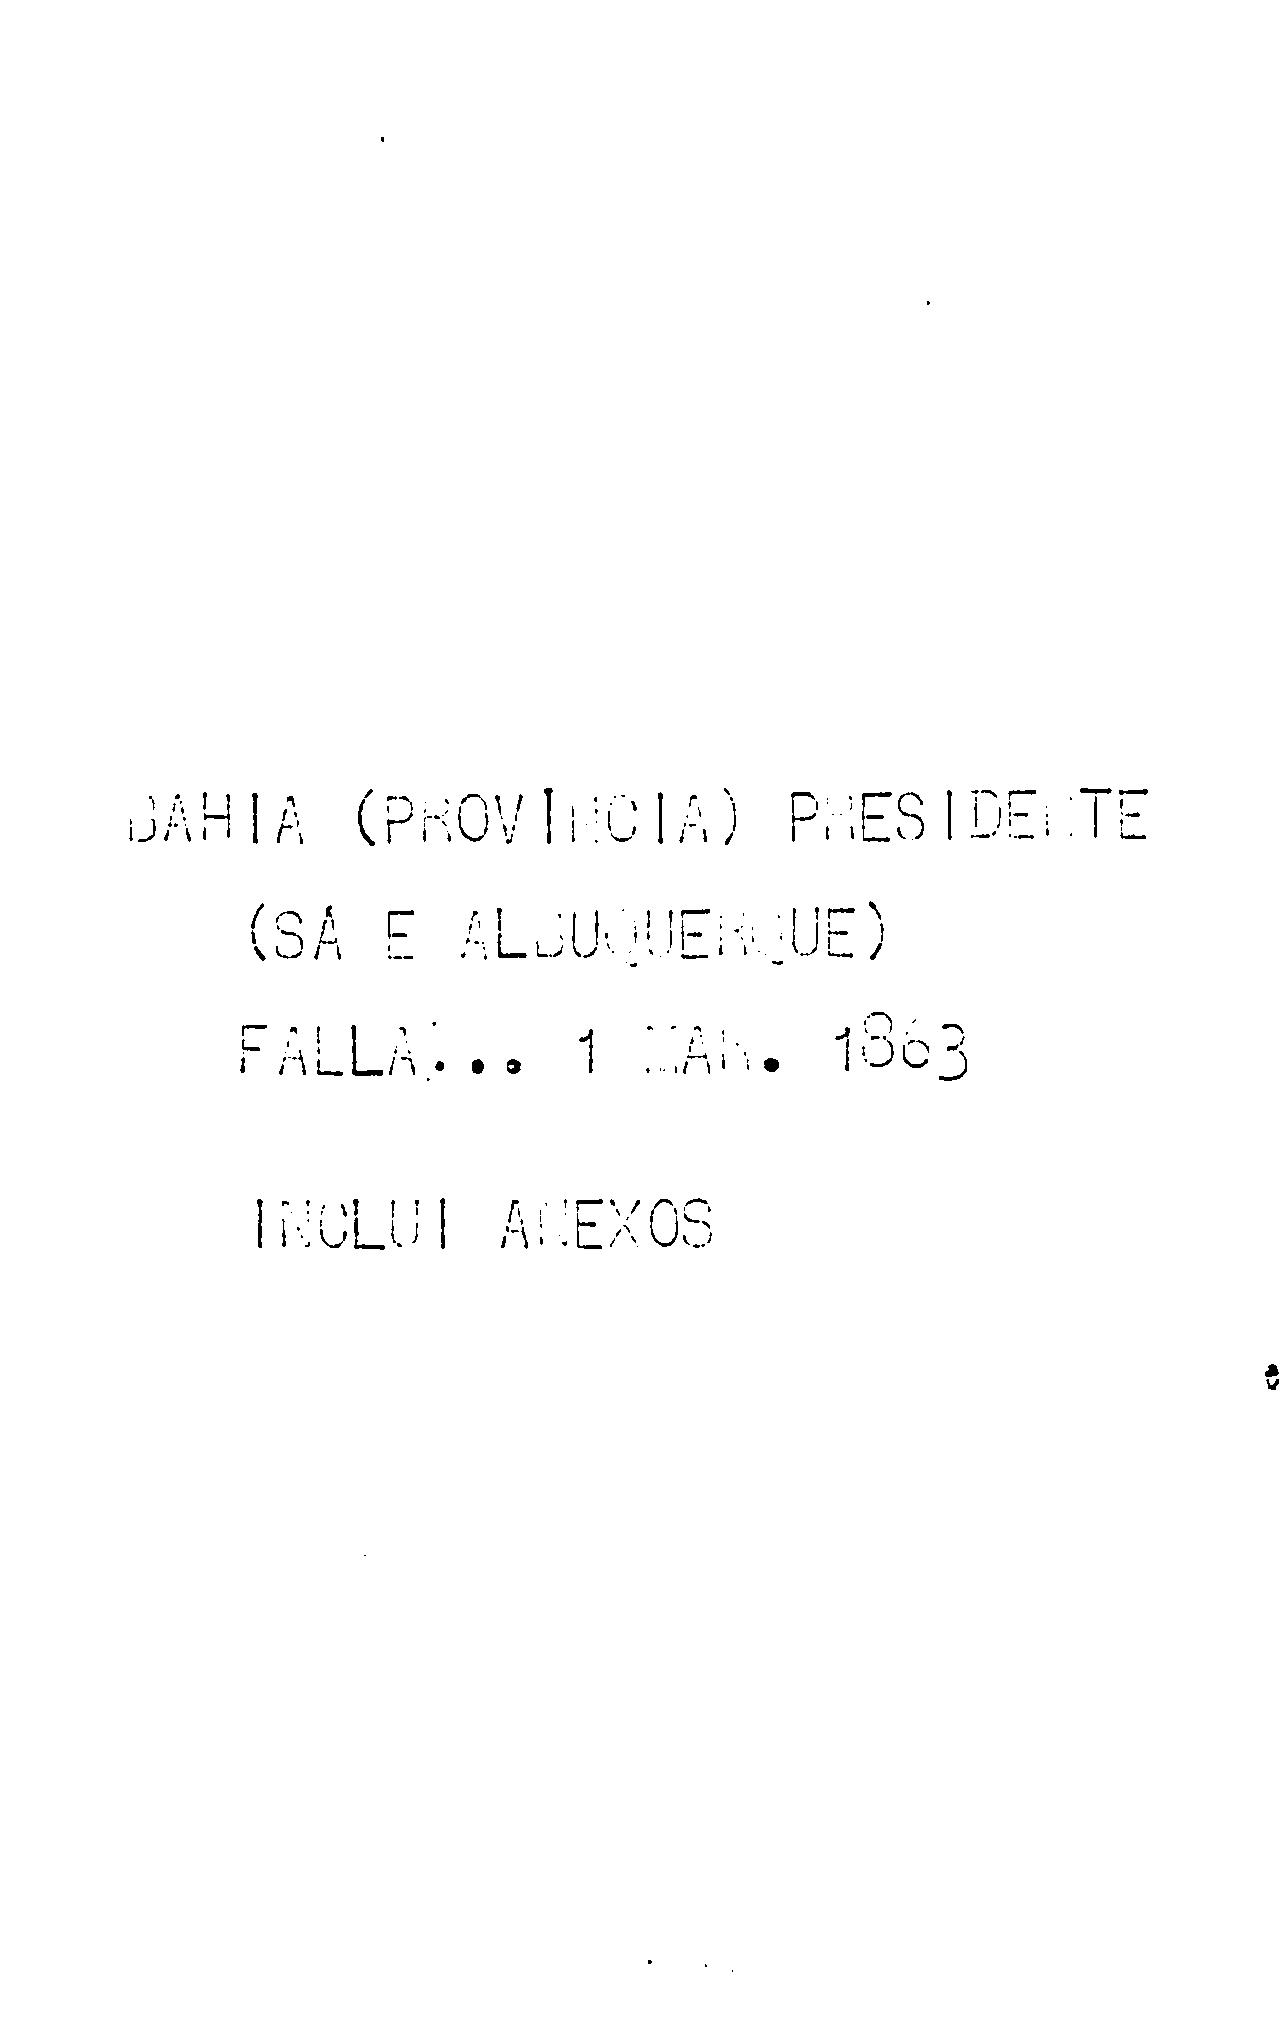 Bahia.Presidente da Província - Falla que recitou na abertura da Assembléa Legislativa da Bahia o presidente da provincia, conselheiro Antonio Coelho de Sá e Albuquerque, no dia 1.o de março de 1863.